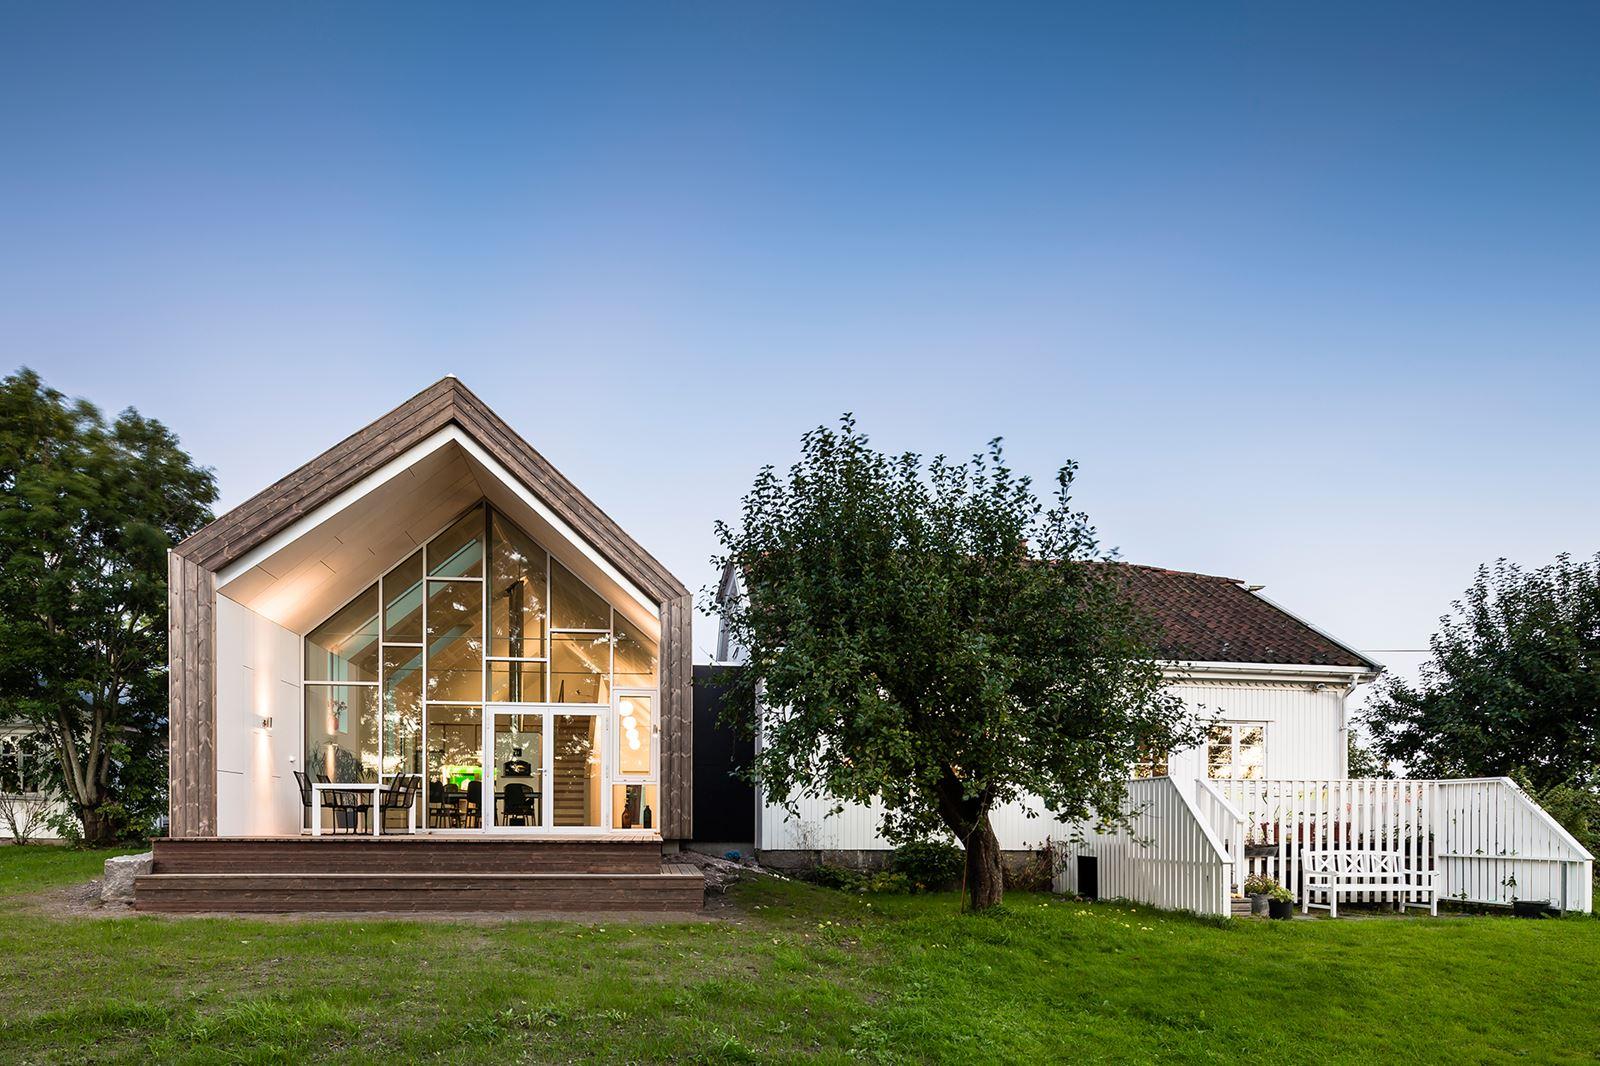 Una casa green con tetto a doppia falda mansarda